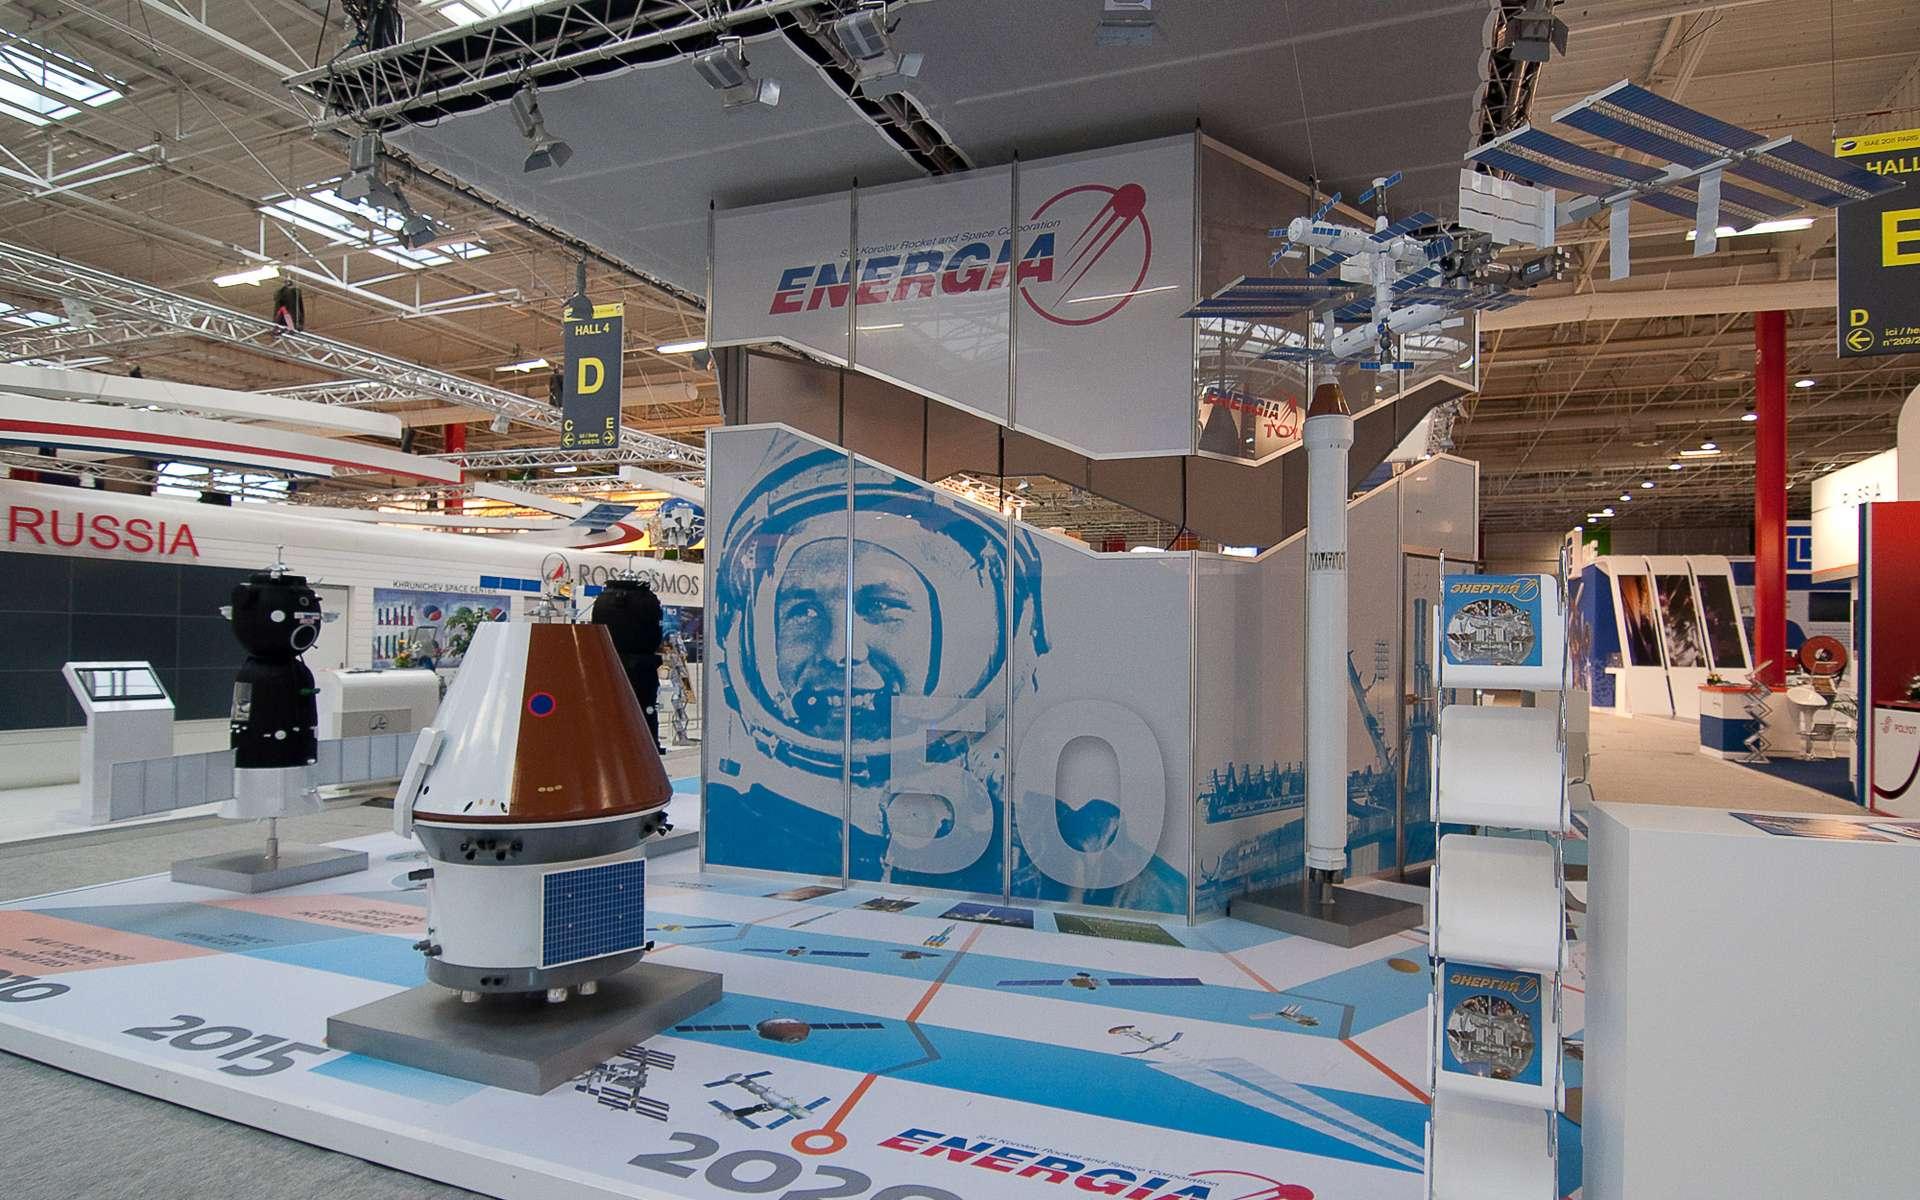 Le stand de RKK Energia au Salon du Bourget sur lequel était présenté le possible successeur de la capsule Soyouz. © Remy Decourt